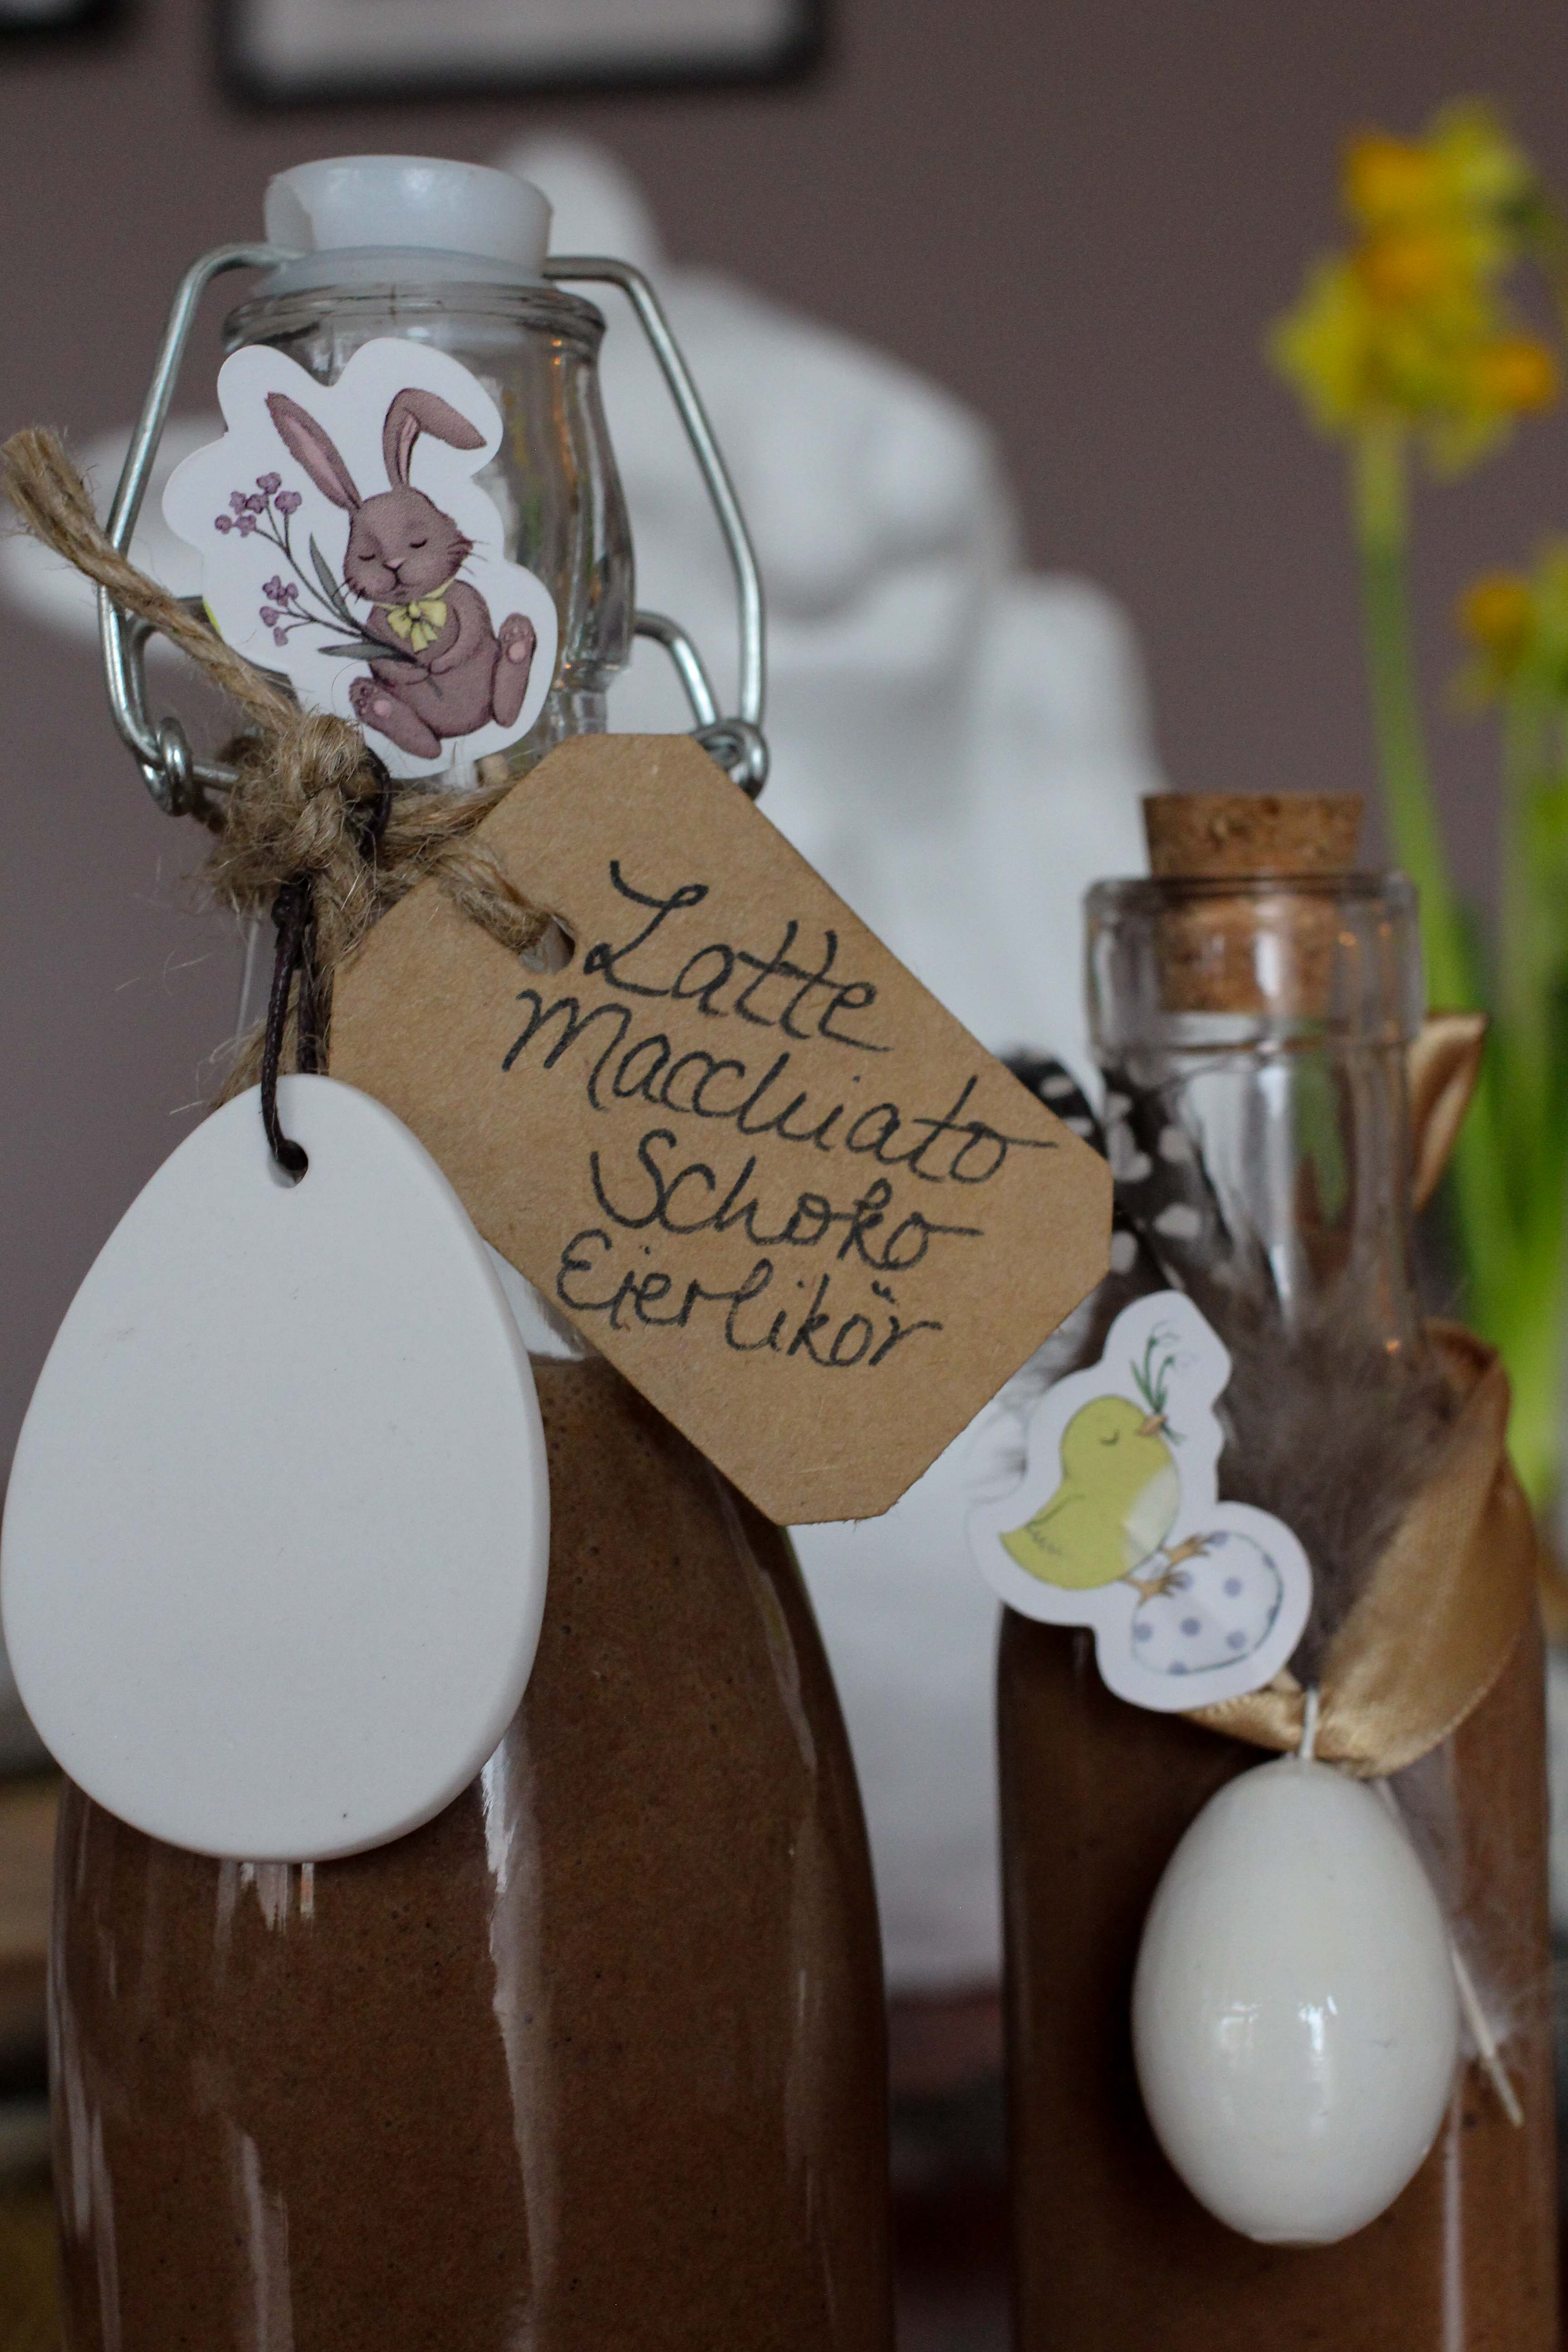 Latte Macchiato Schoko-Eierlikör Rezept einfach selber machen Ostern Vivani Oster Geschenk